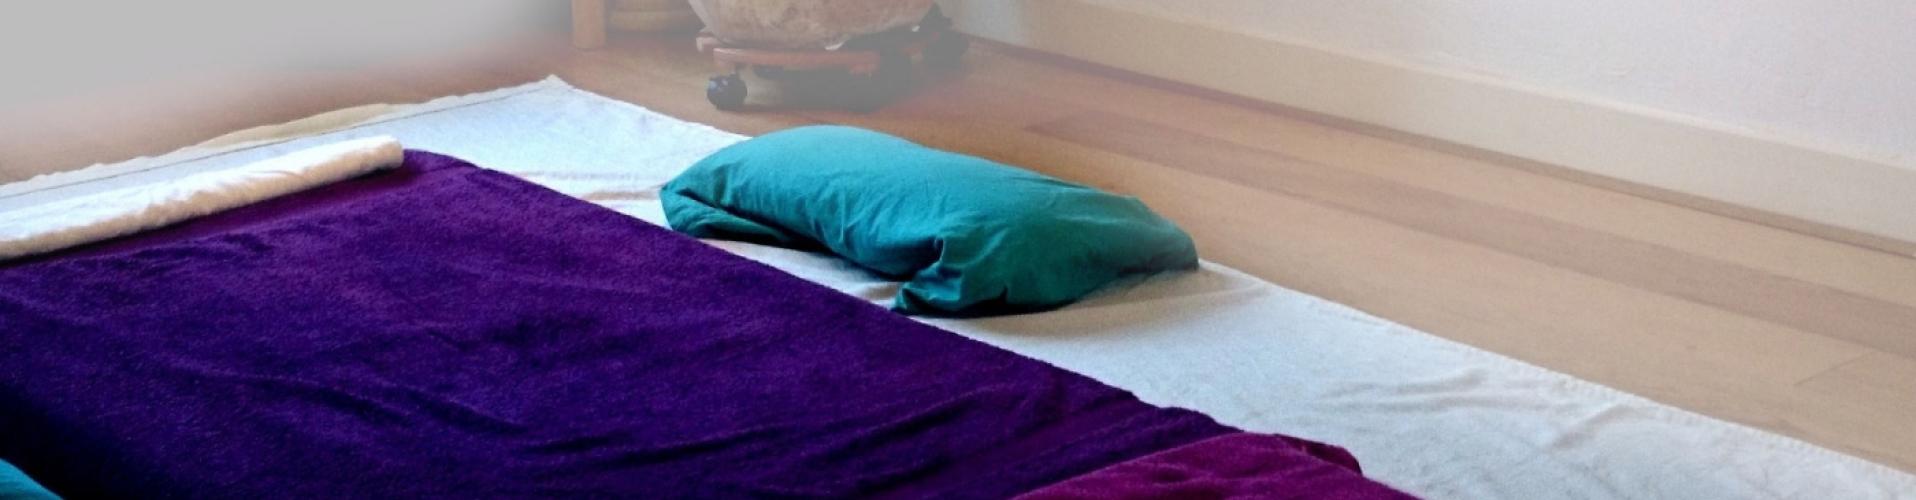 prive-massage-workshop